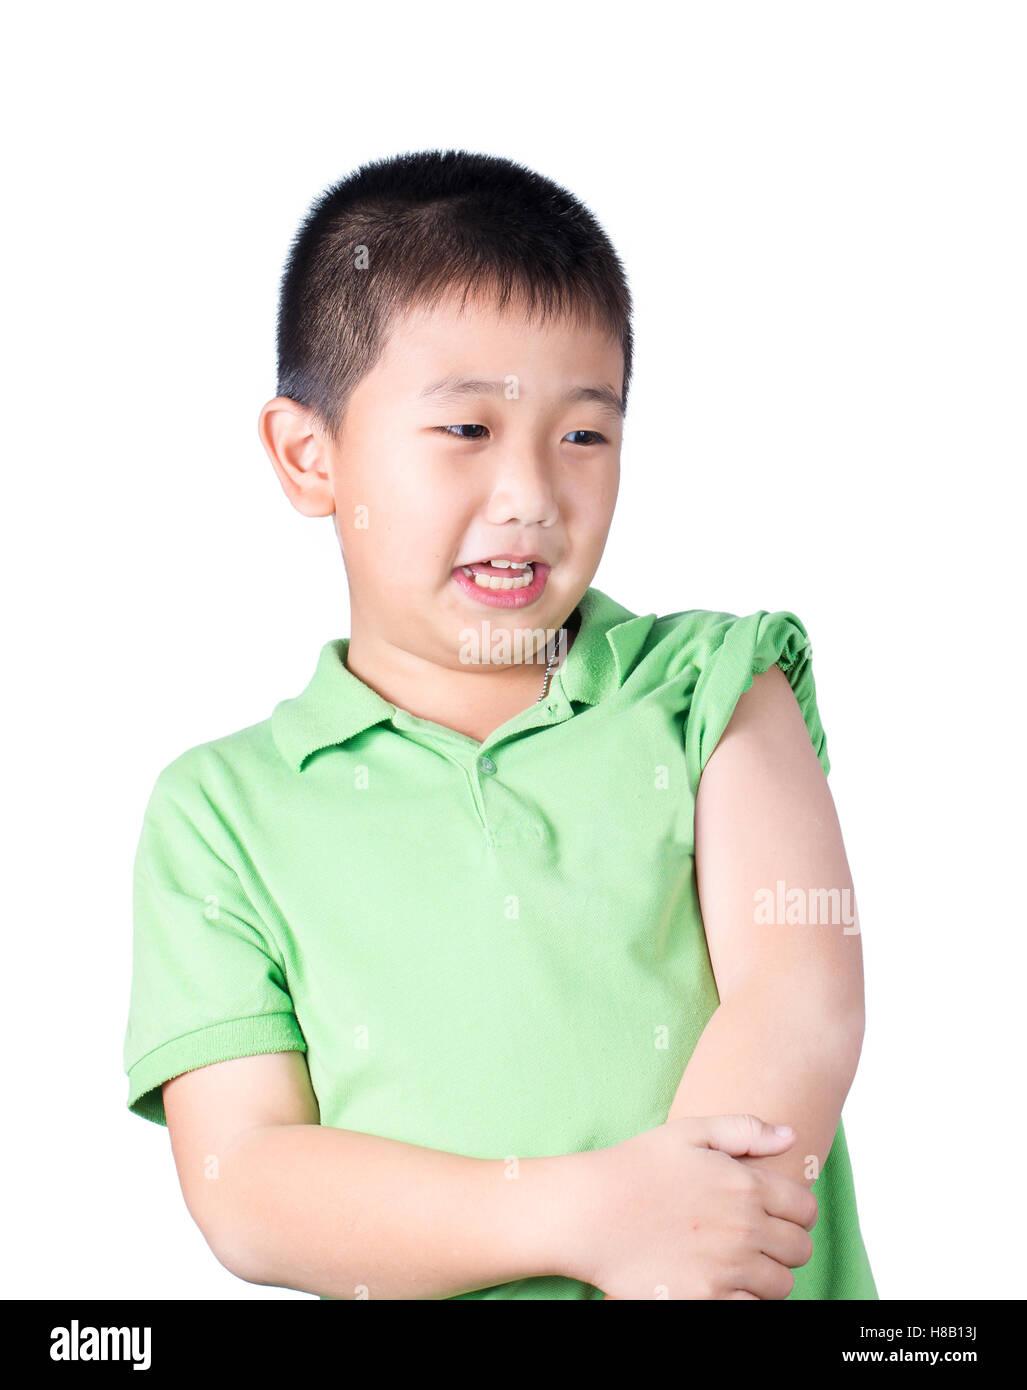 Un muchacho temeroso vestían camiseta verde mira a su lado izquierdo Foto de stock